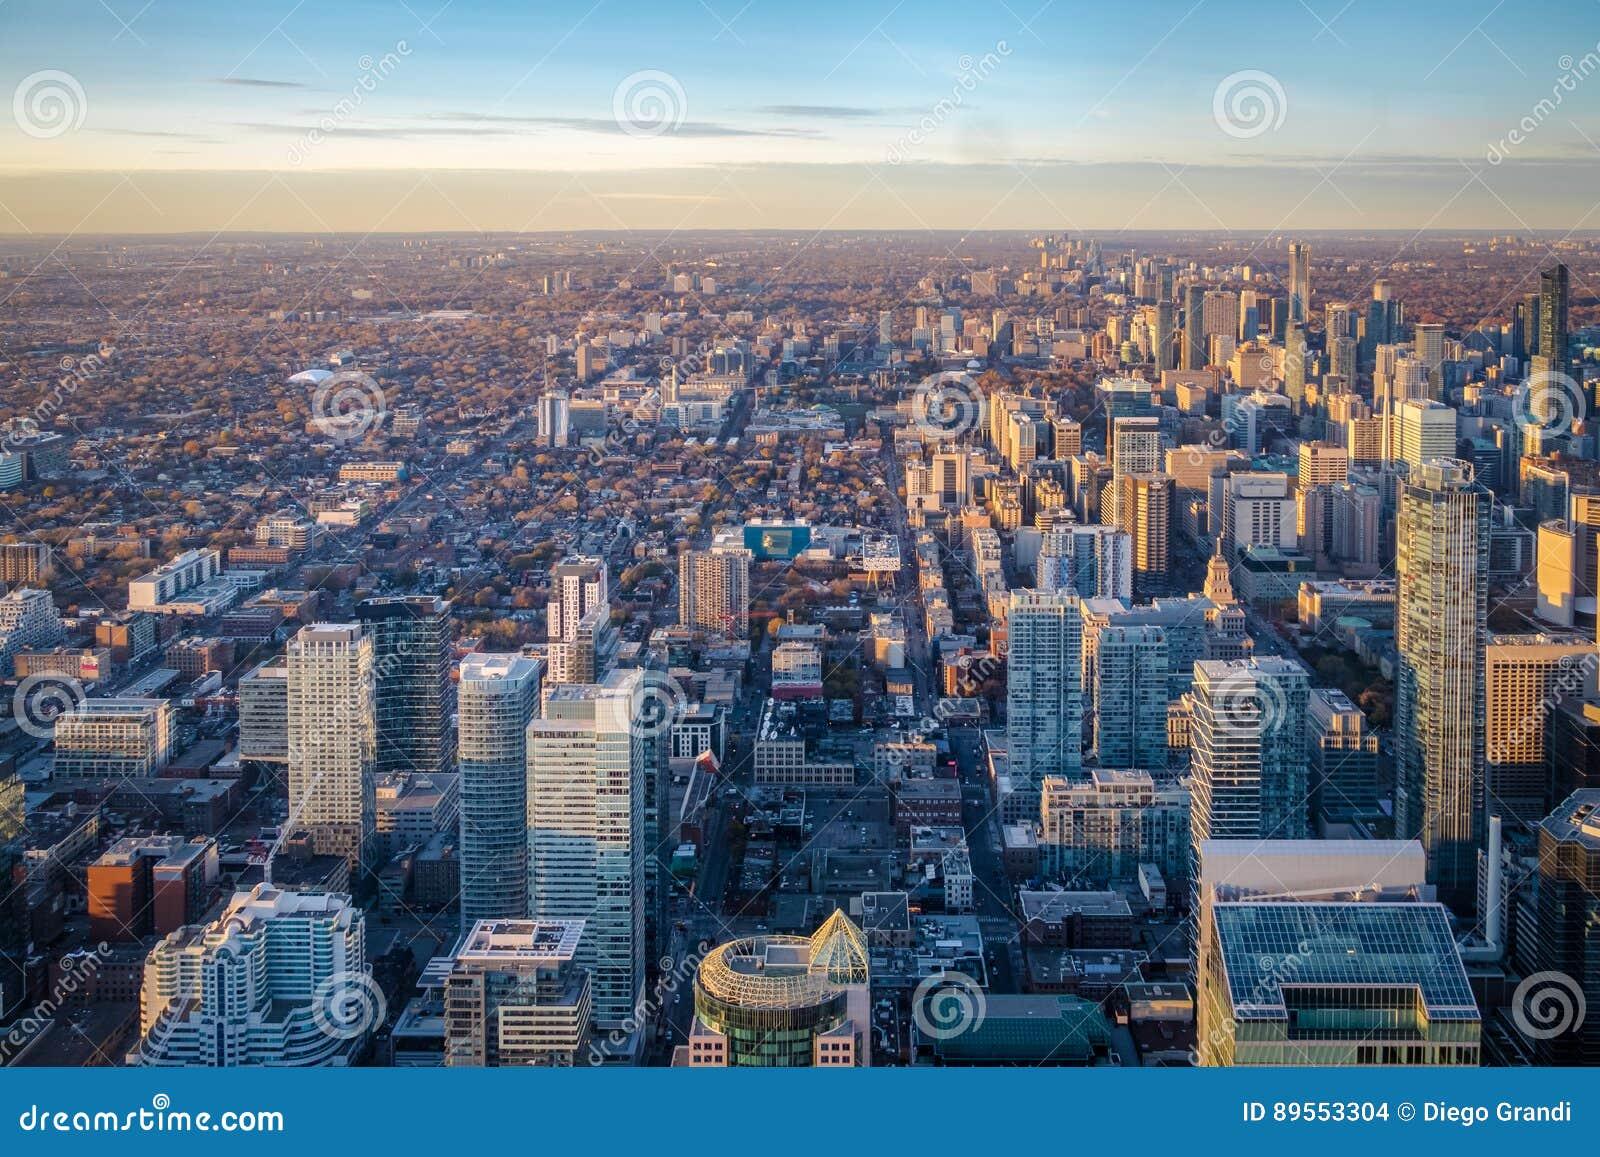 Άποψη της πόλης του Τορόντου άνωθεν - Τορόντο, Οντάριο, Καναδάς